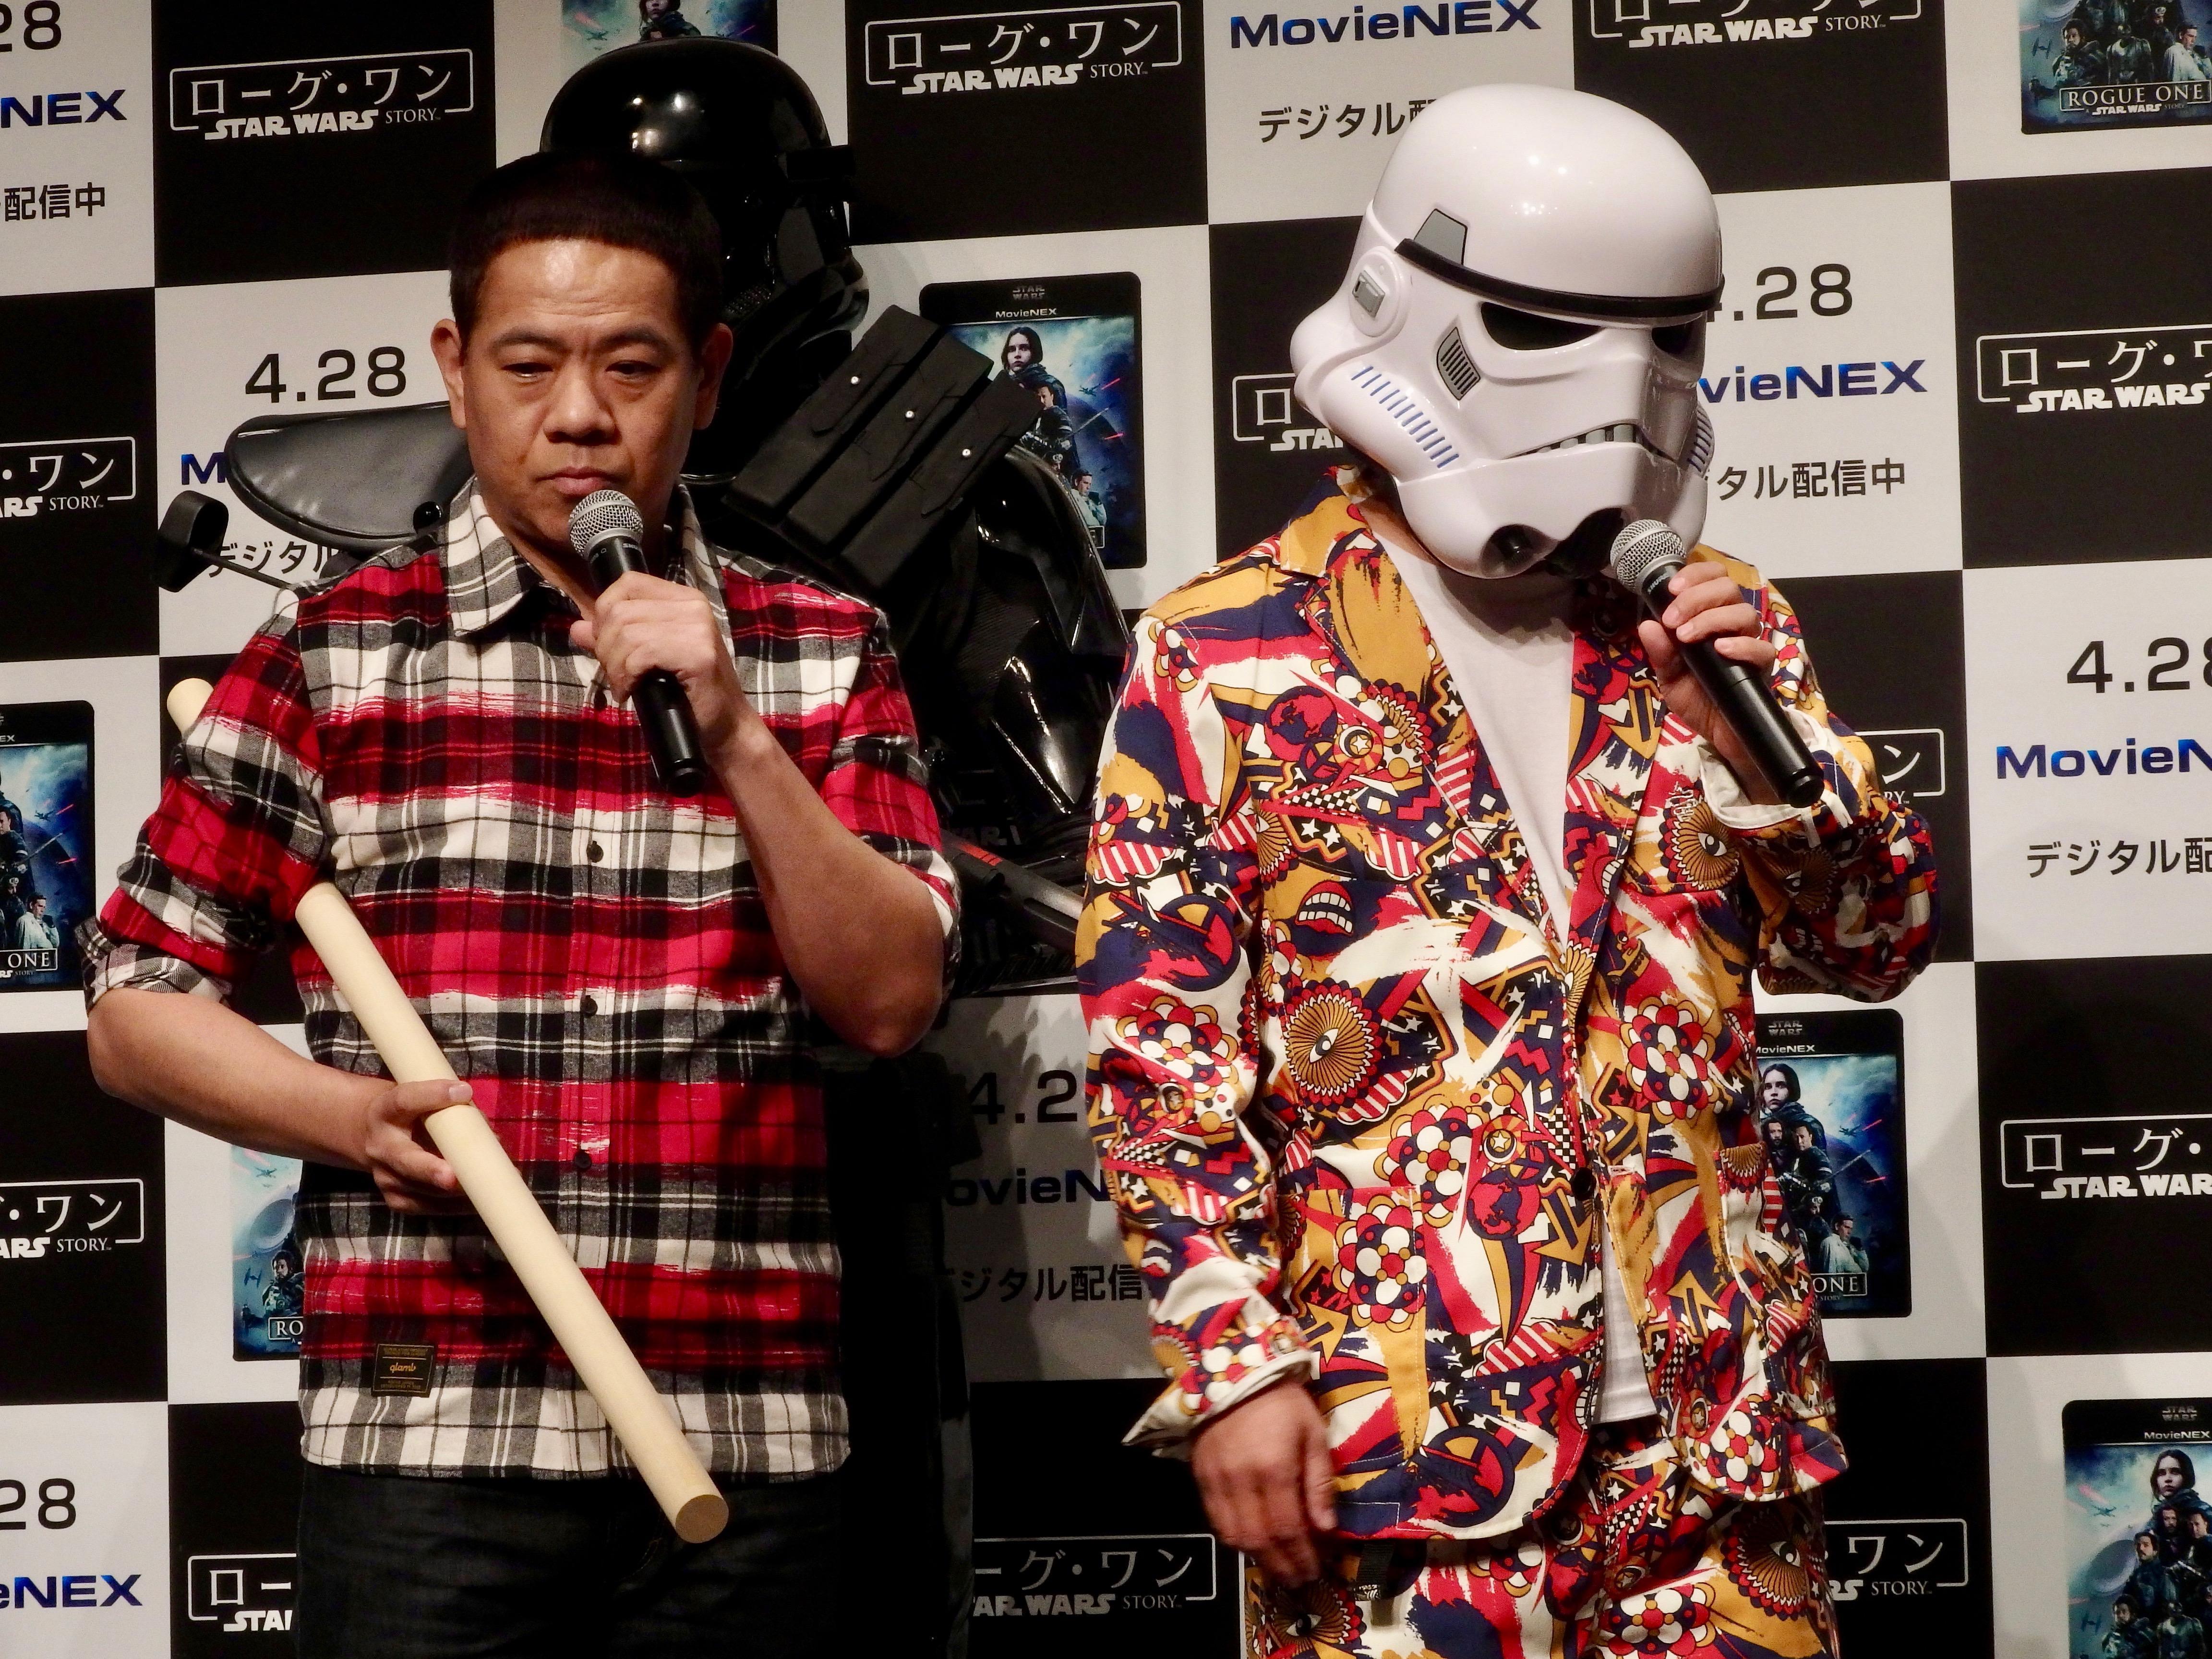 http://news.yoshimoto.co.jp/20170427235532-1da62972cf14e27b14edccbe8e82822de52618ff.jpg